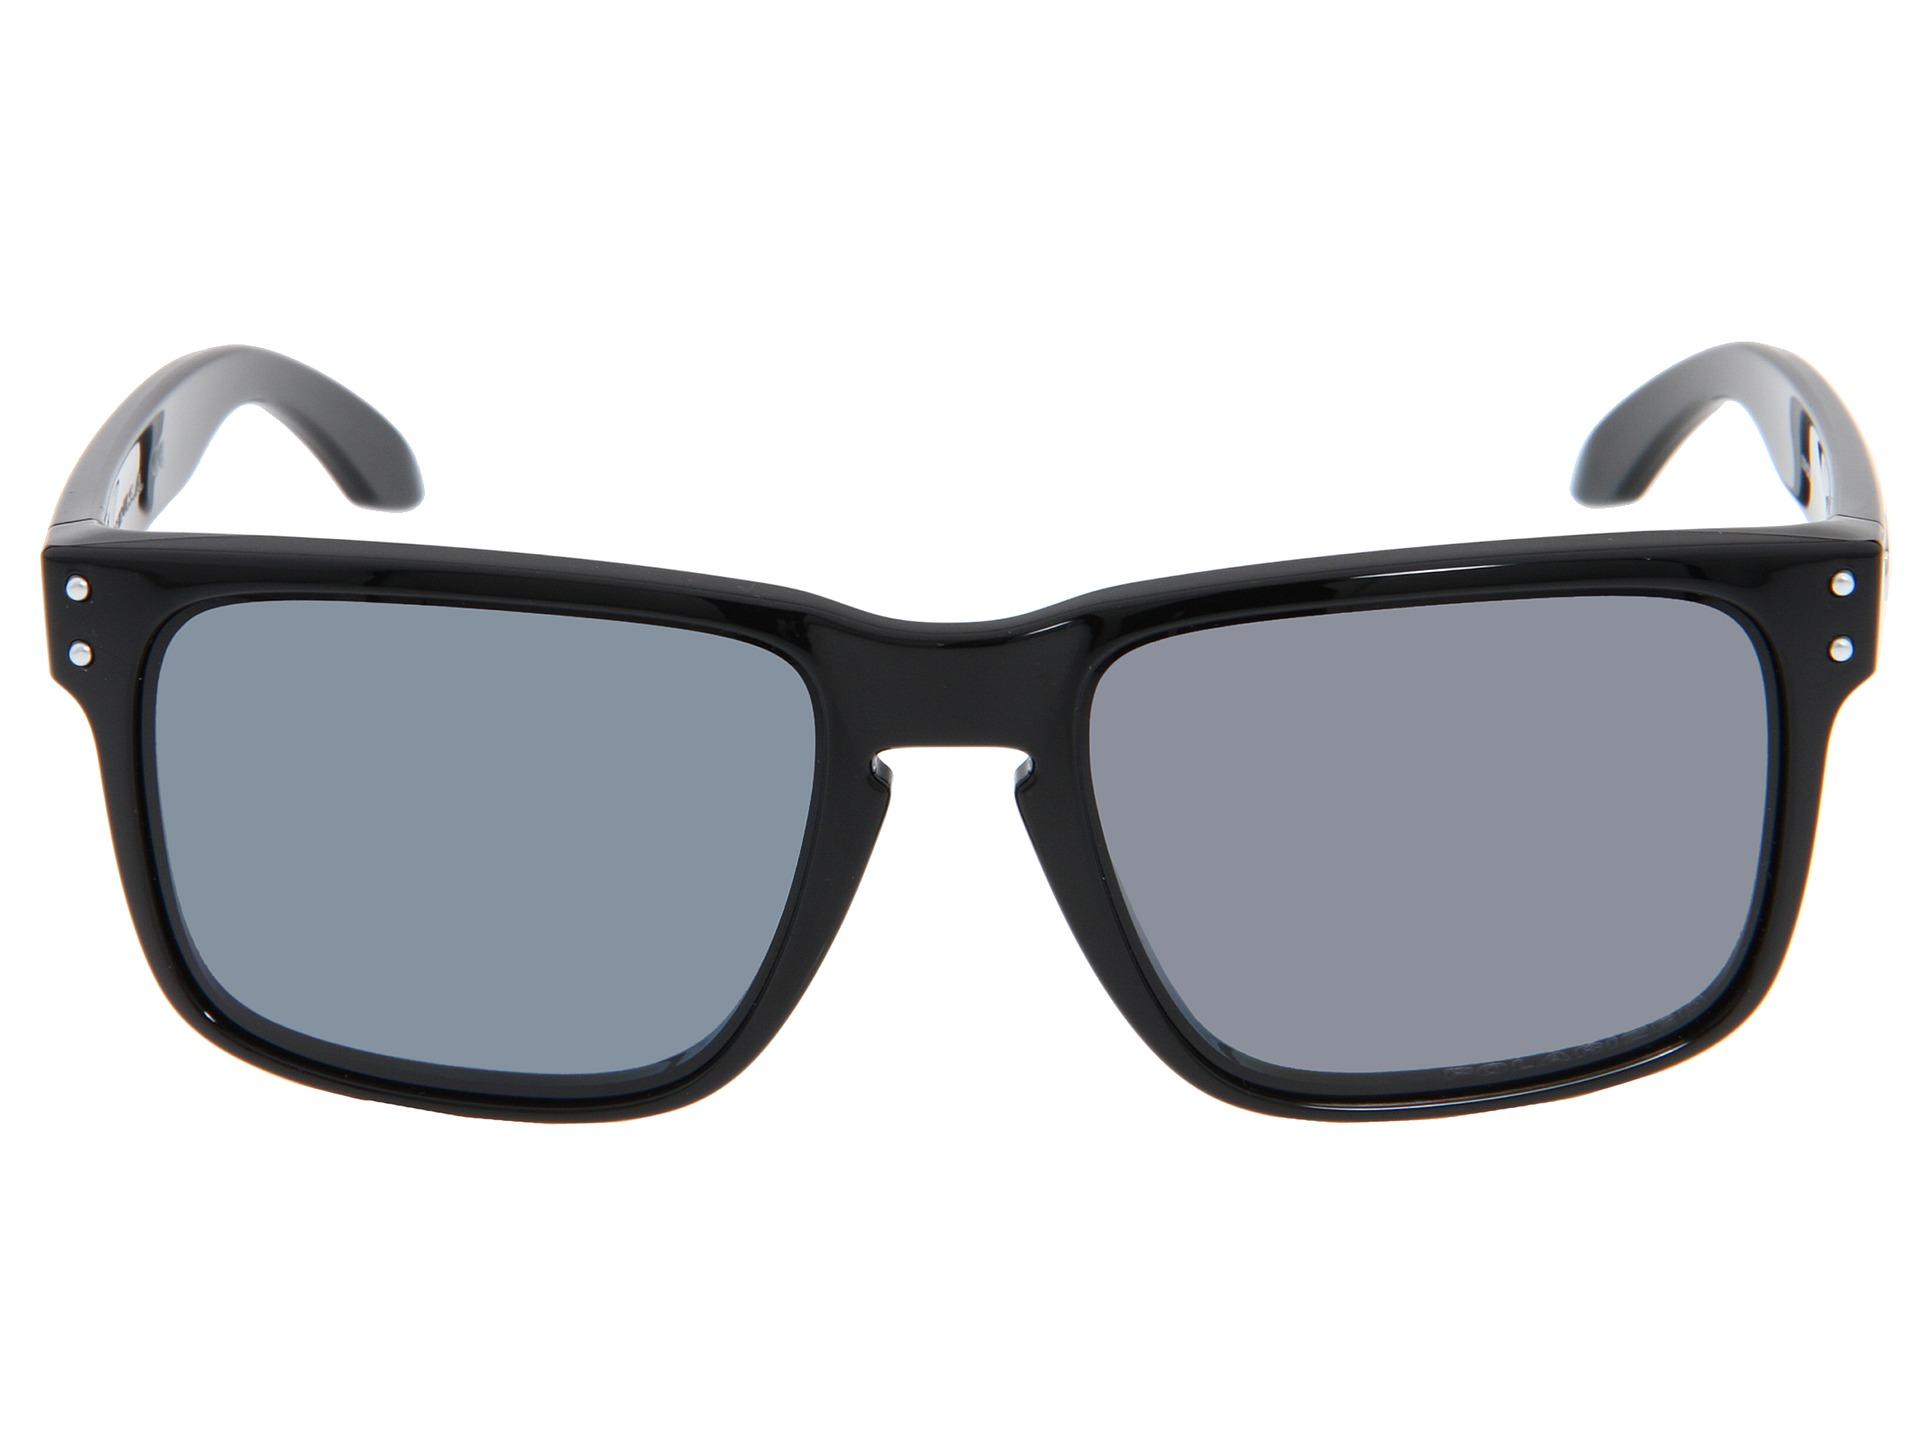 Wfyhphmspsj5yav Discount Sunglasses Oakley